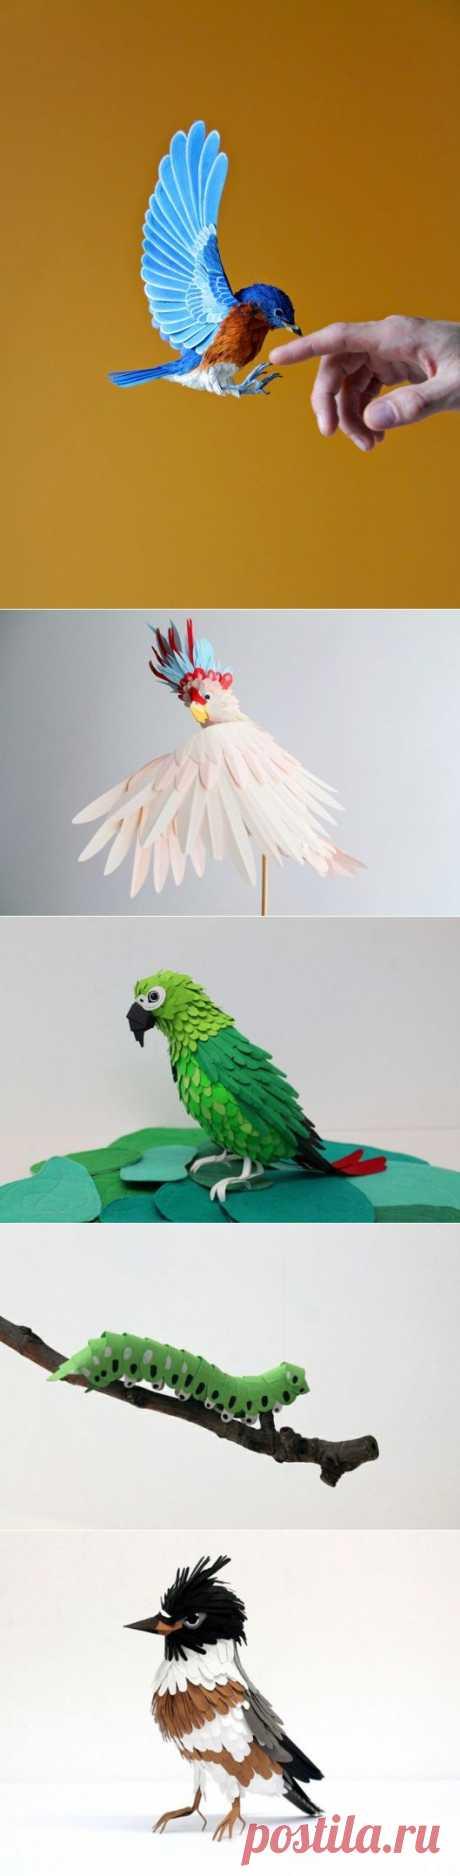 Скульптуры из бумаги от художницы Diana Beltran Herrera